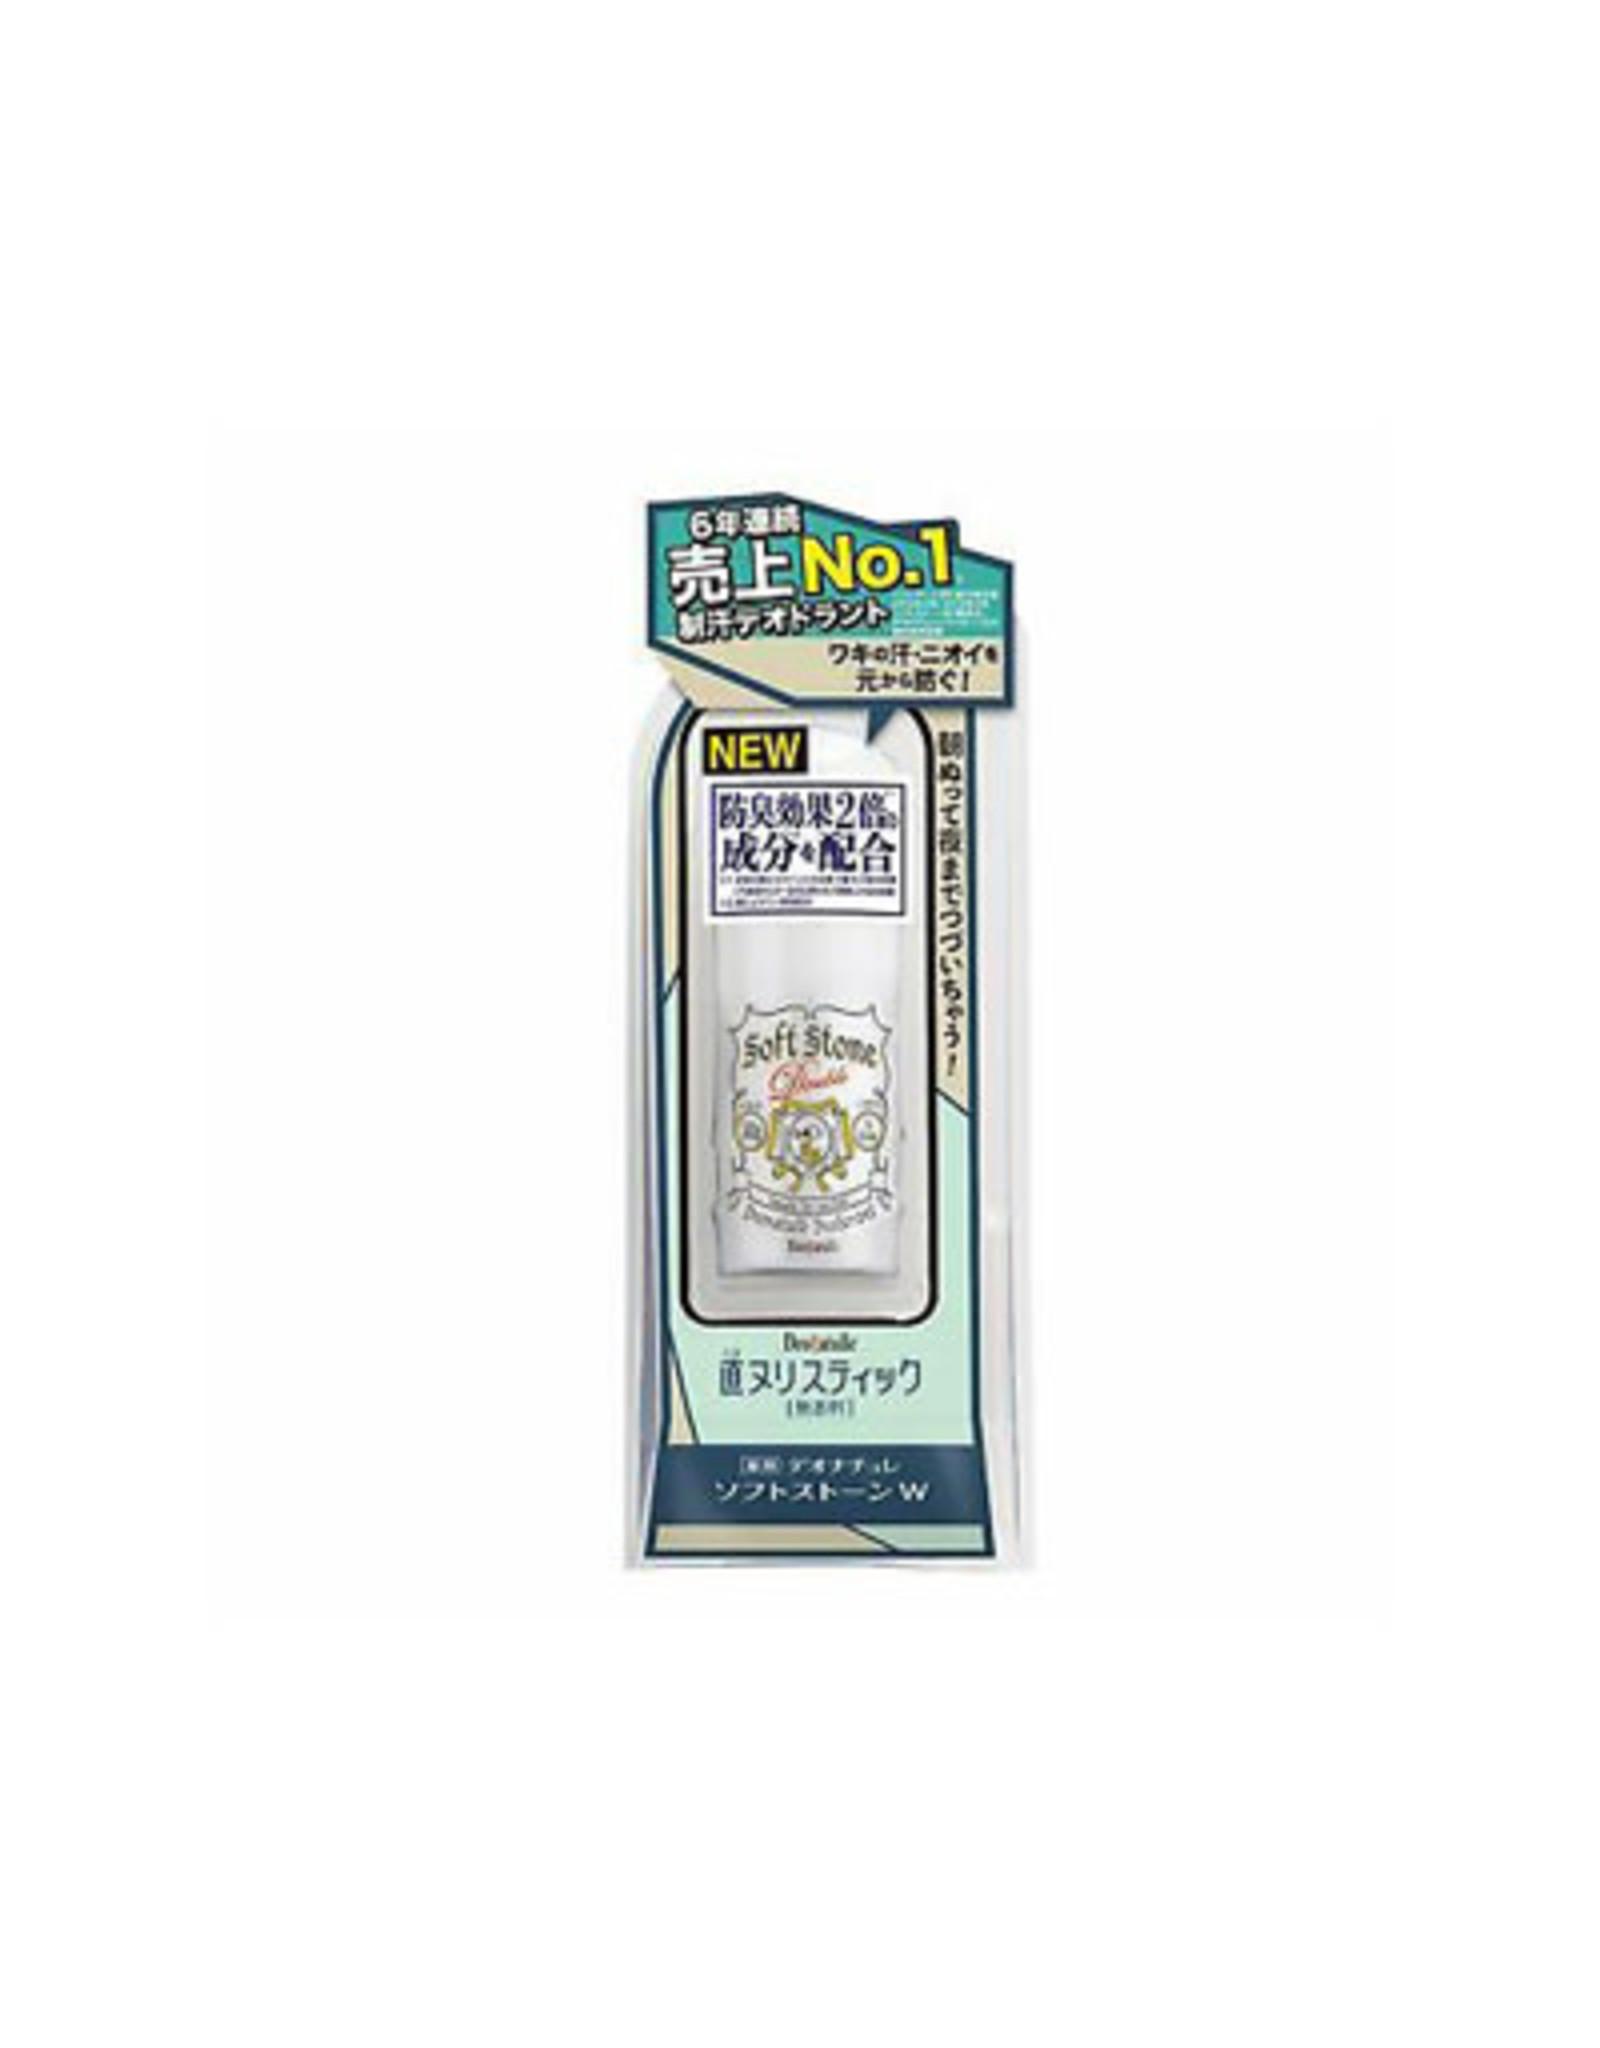 Deonatulle Soft Stone Double Deodorant No Scent 20g